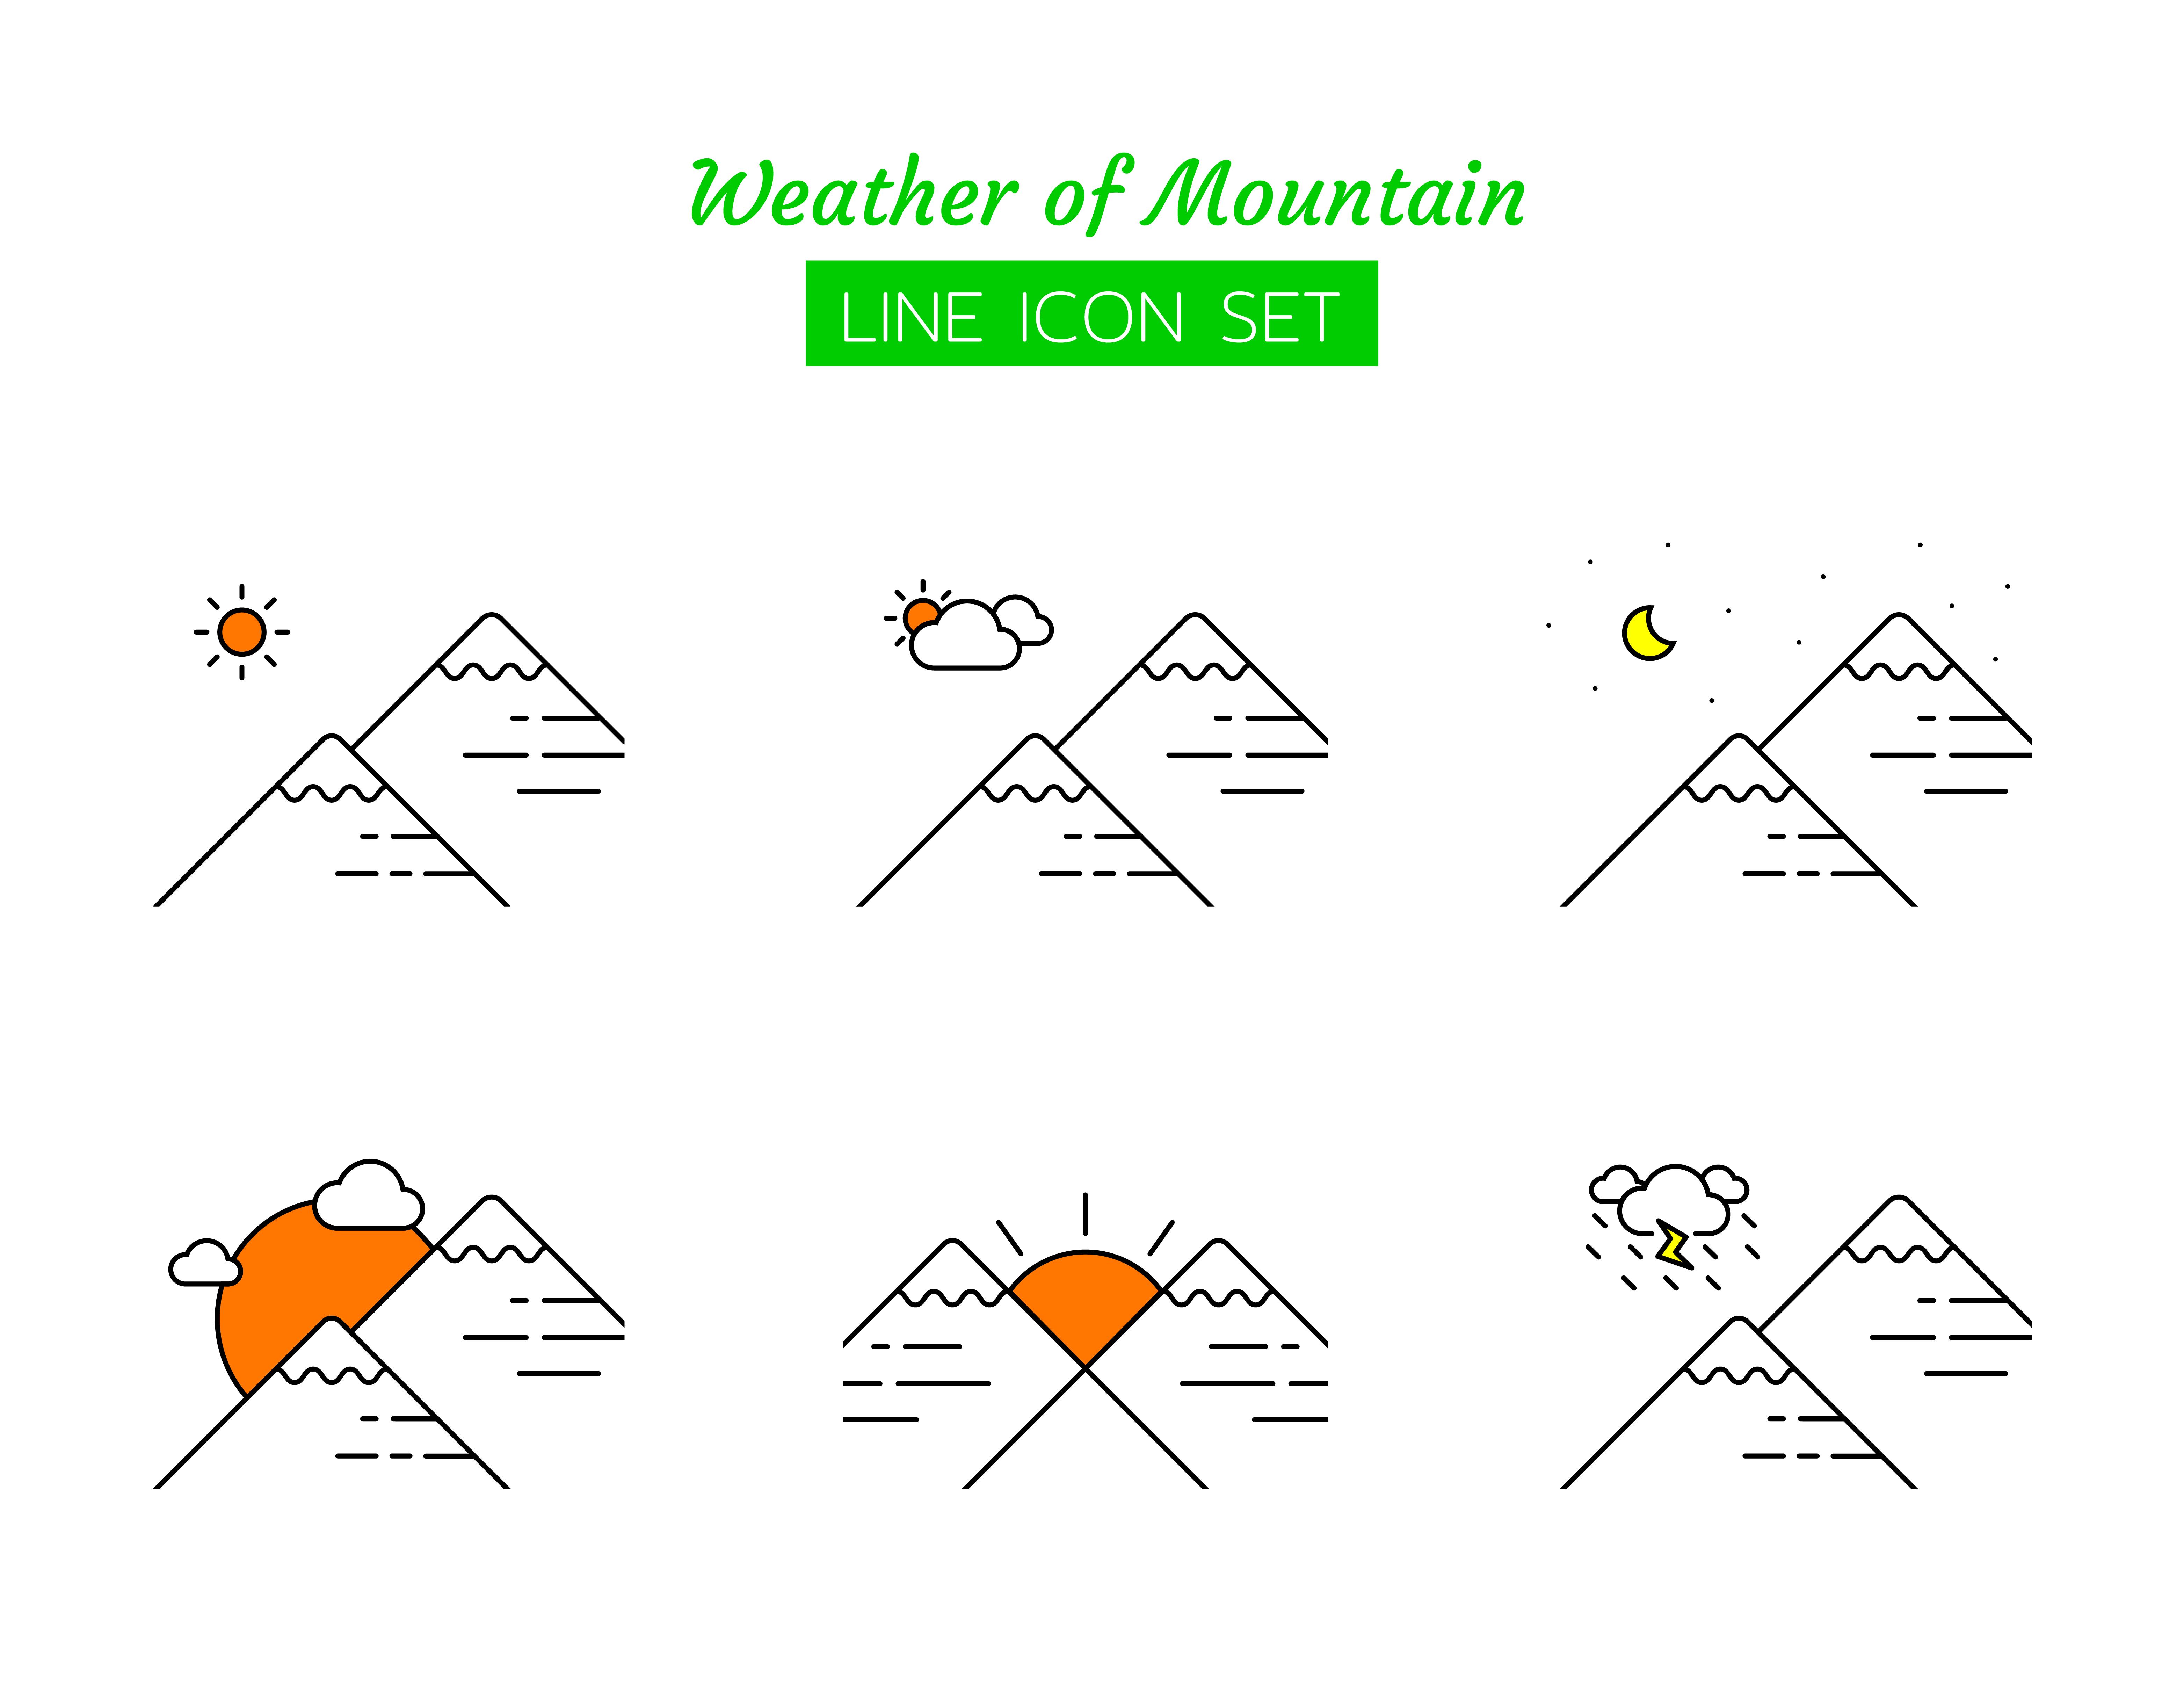 Mountain weather line icon symbol set